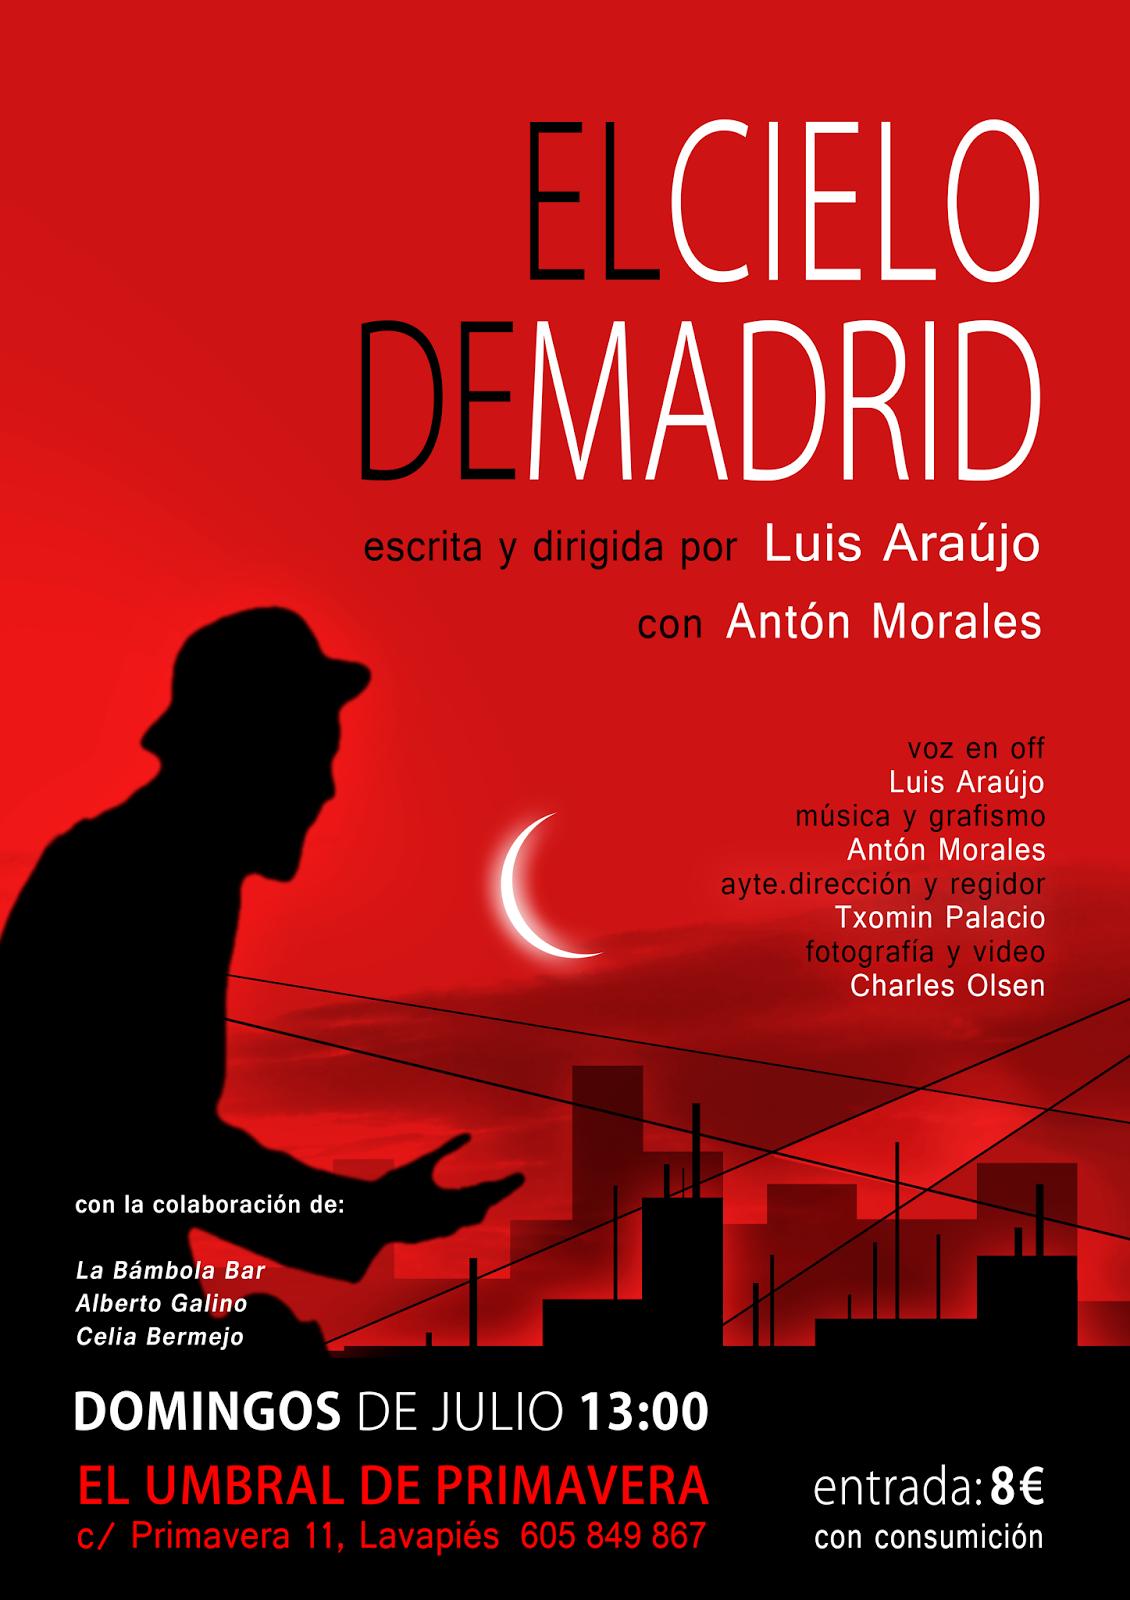 diseño del poster: antón morales